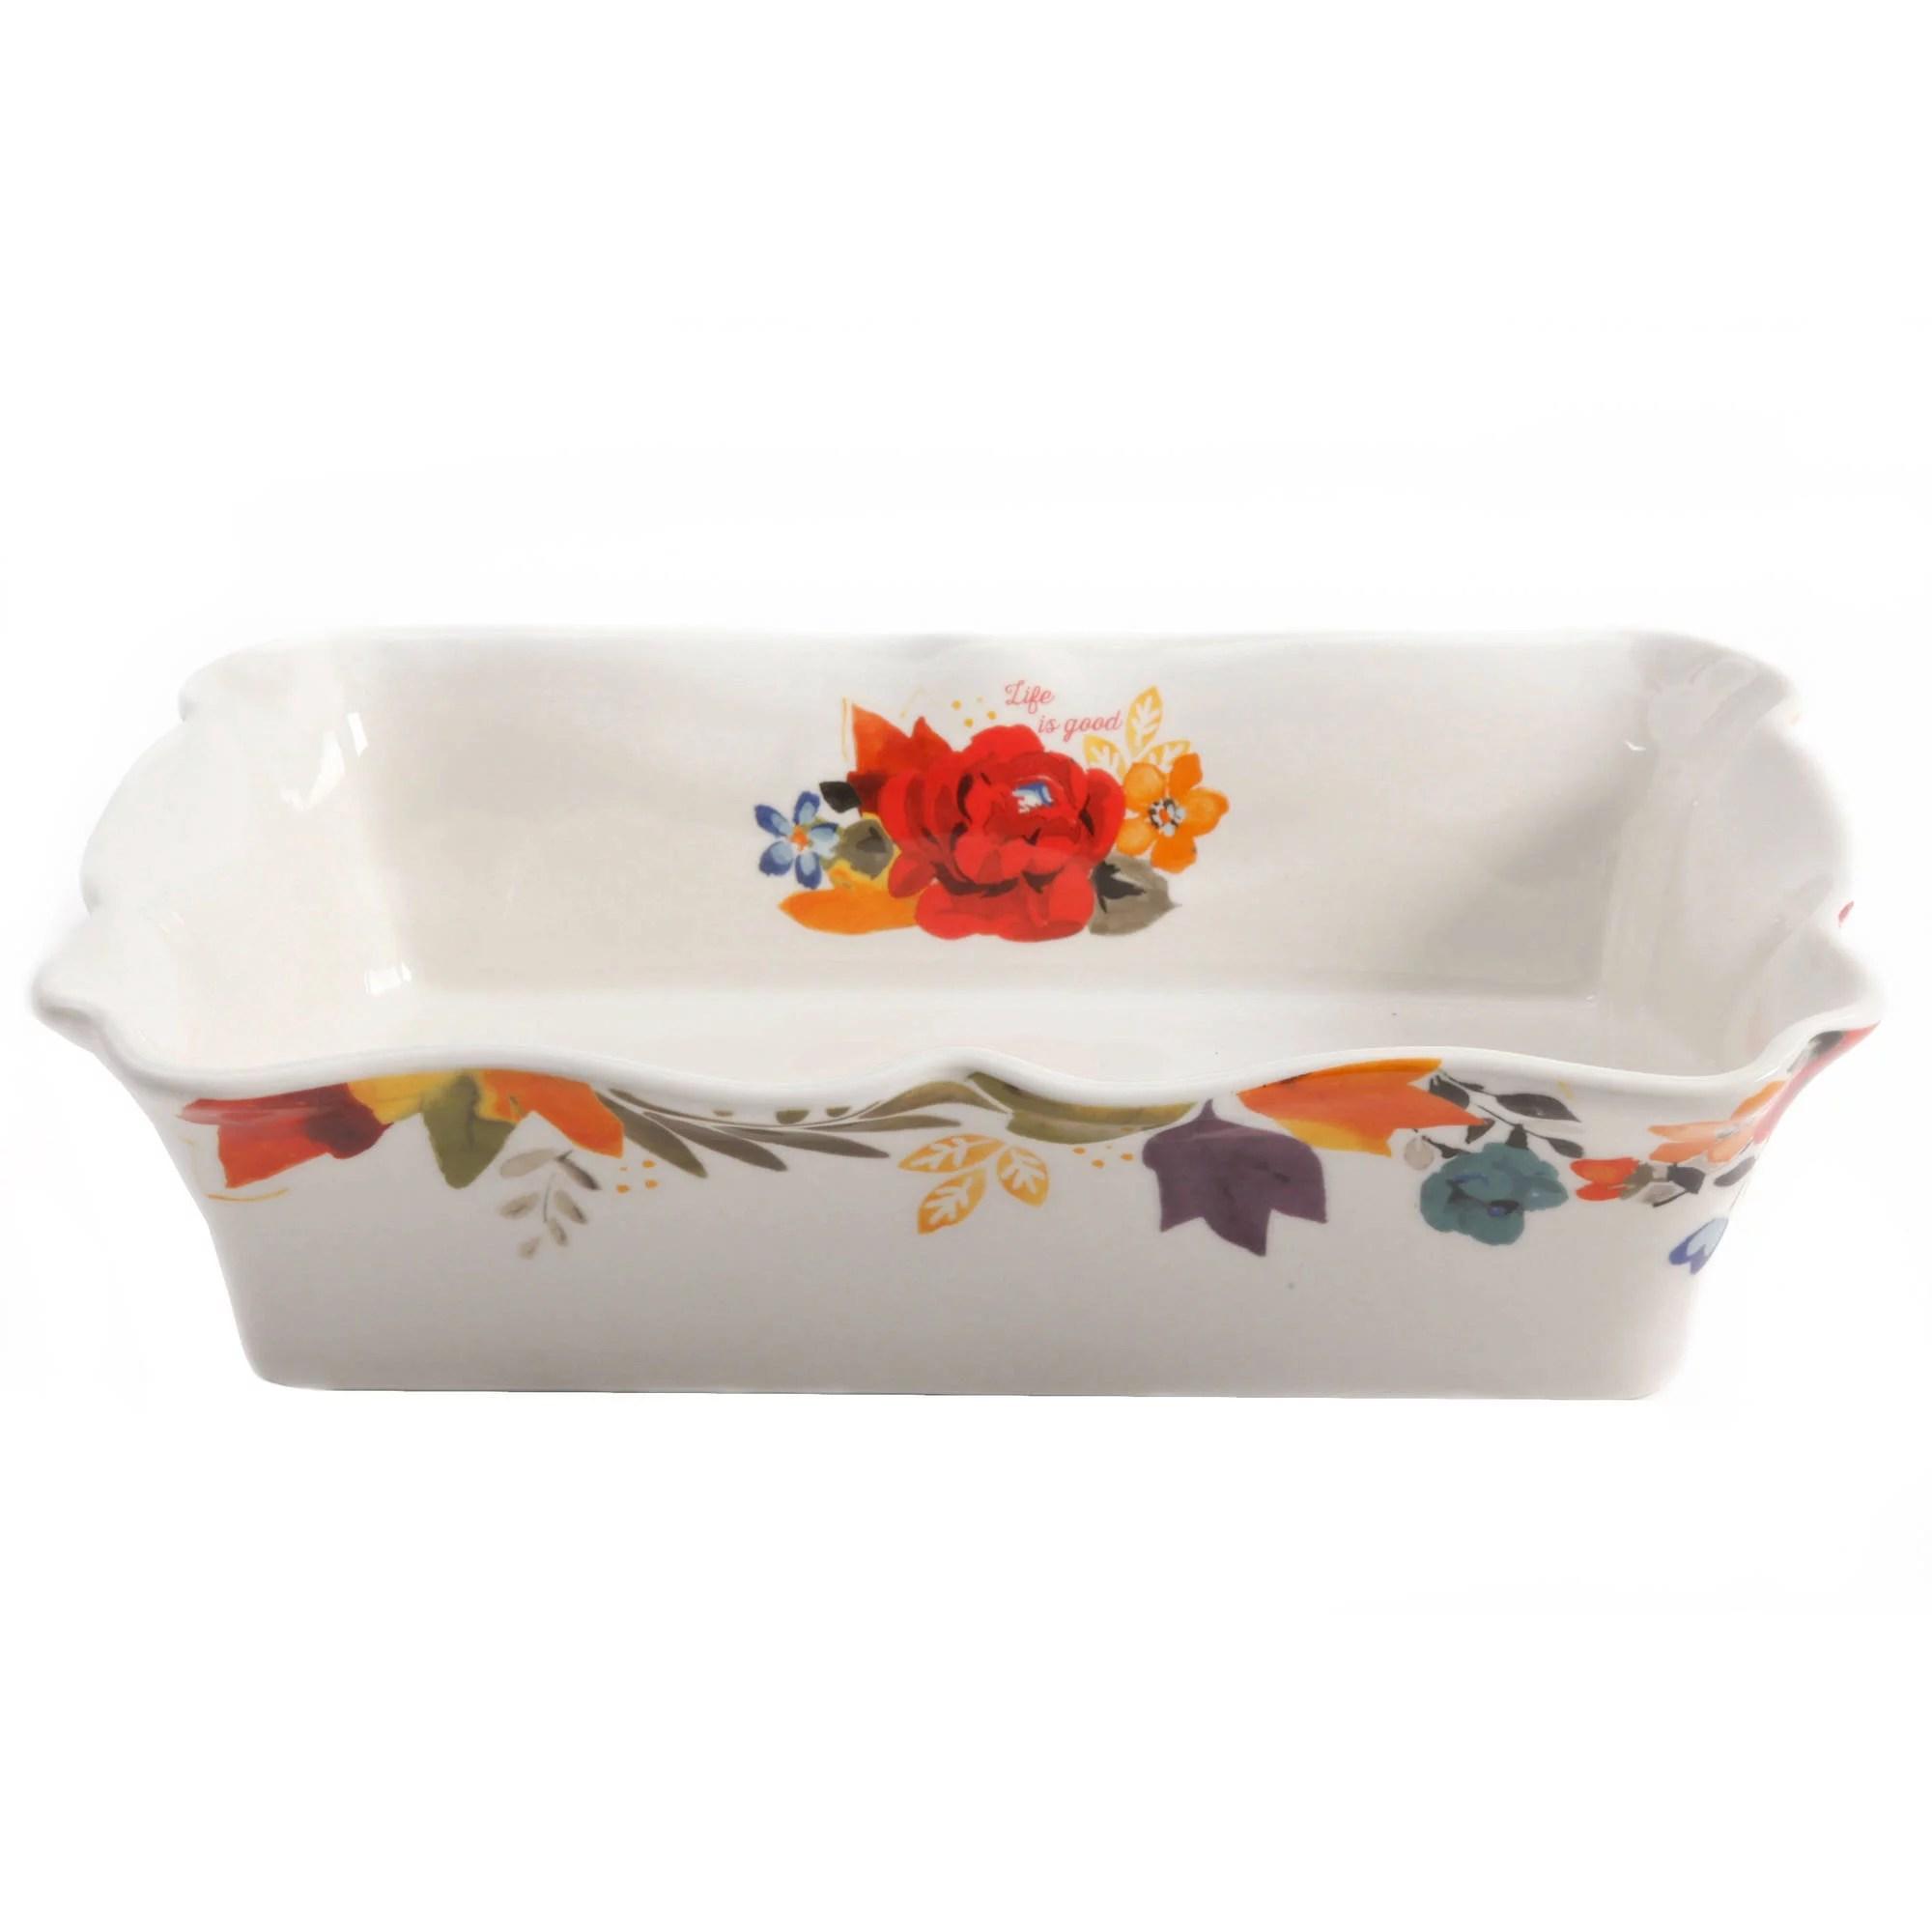 Pioneer Woman Bakeware Set